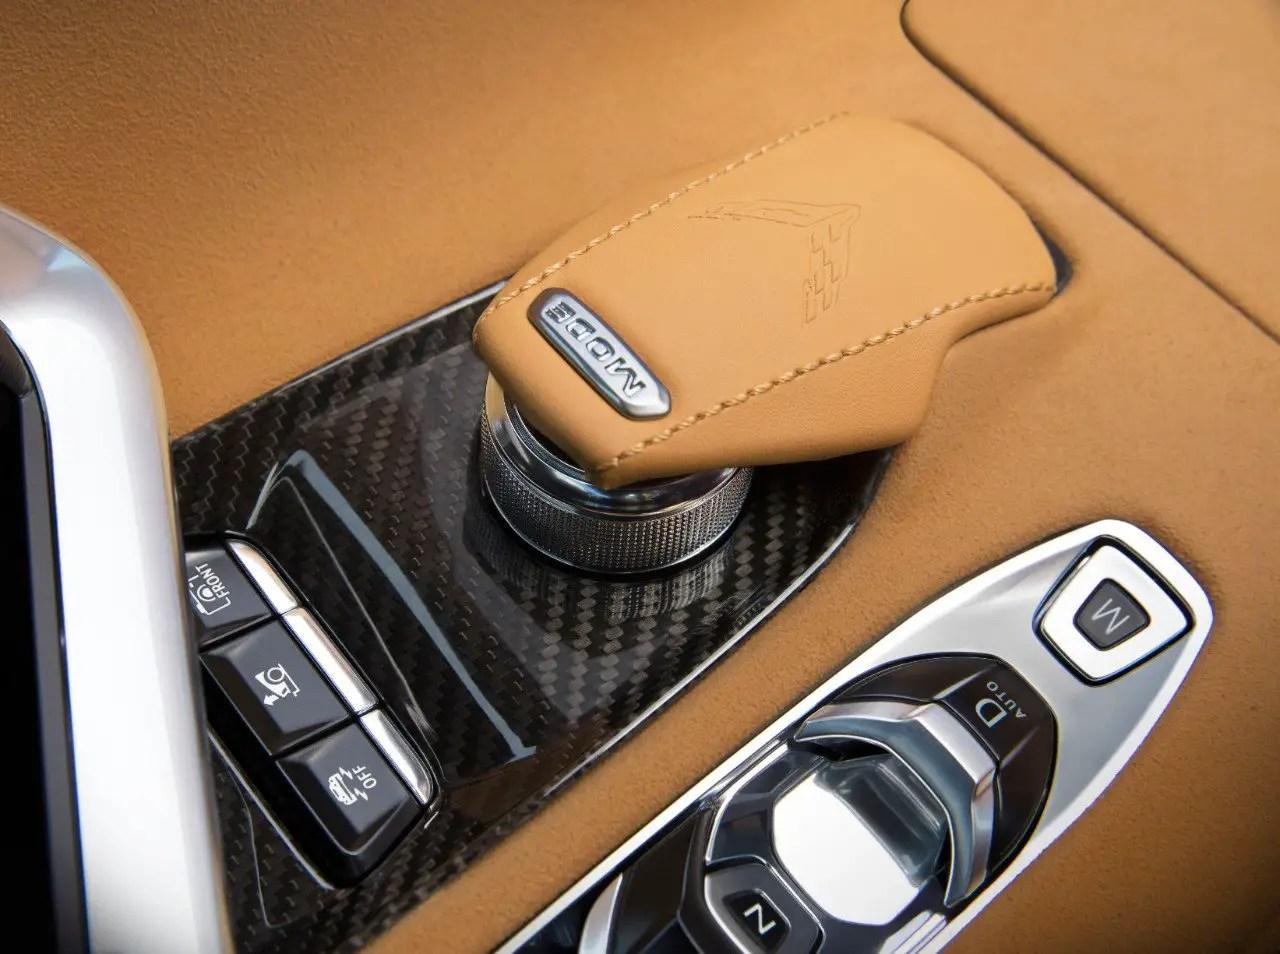 C8 Corvette Gear Selector